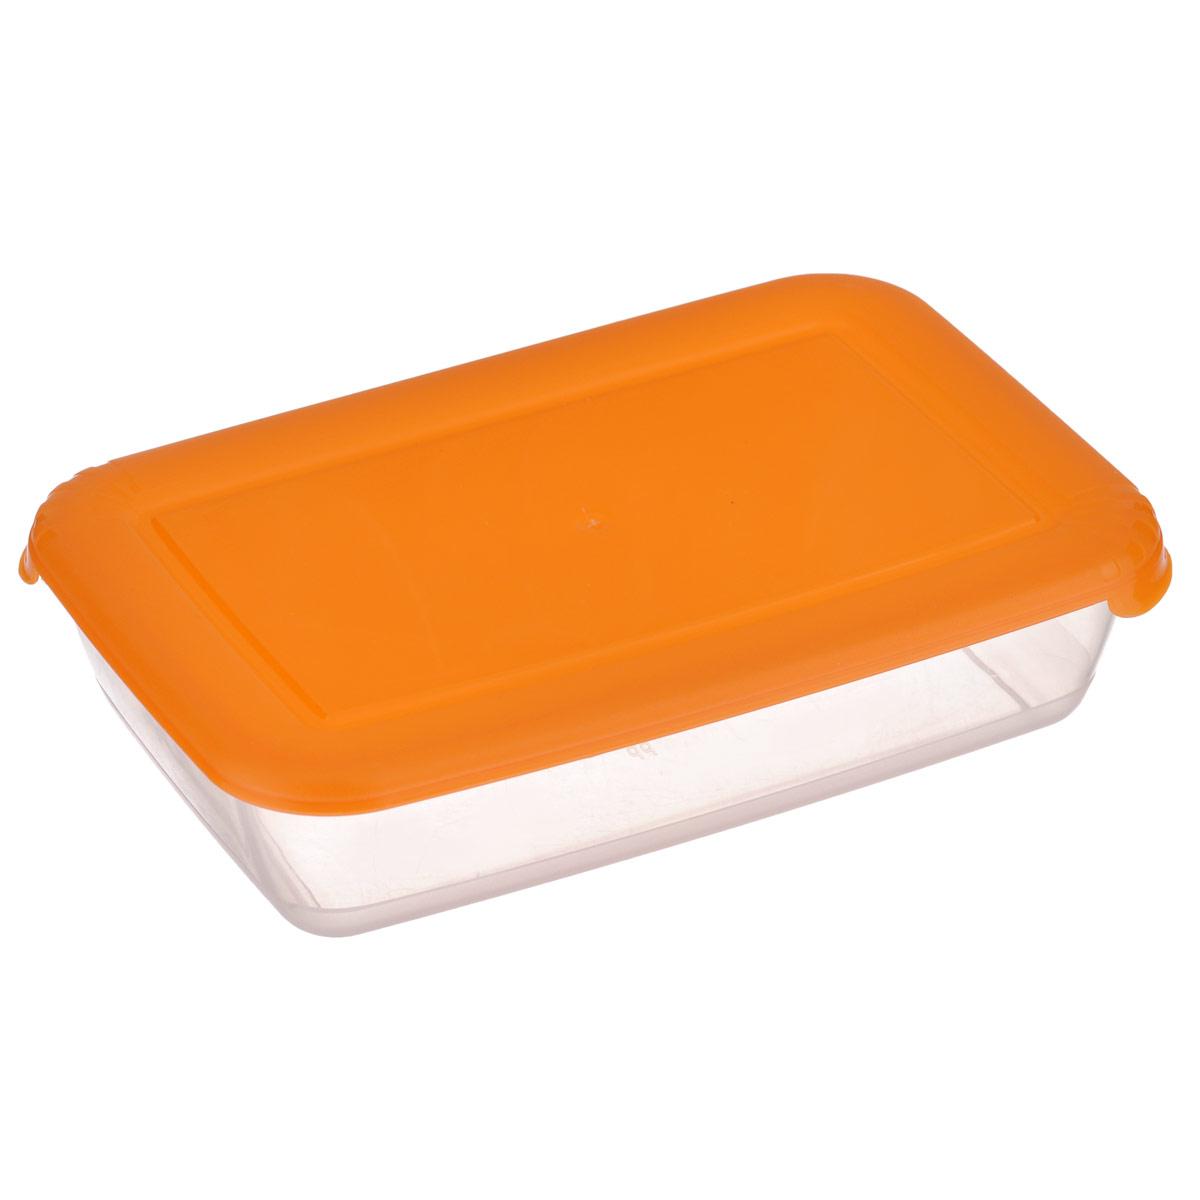 Контейнер для СВЧ Полимербыт Лайт, цвет: оранжевый, 0,45 л4630003364517Прямоугольный контейнер для СВЧ Полимербыт Лайт изготовлен из высококачественного прочного пластика, устойчивого к высоким температурам (до +120°С). Цветная полупрозрачная крышка плотно закрывается, дольше сохраняя продукты свежими и вкусными. Контейнер идеально подходит для хранения пищи, его удобно брать с собой на работу, учебу, пикник или просто использовать для хранения пищи в холодильнике.Подходит для разогрева пищи в микроволновой печи и для заморозки в морозильной камере (при минимальной температуре -40°С). Можно мыть в посудомоечной машине.